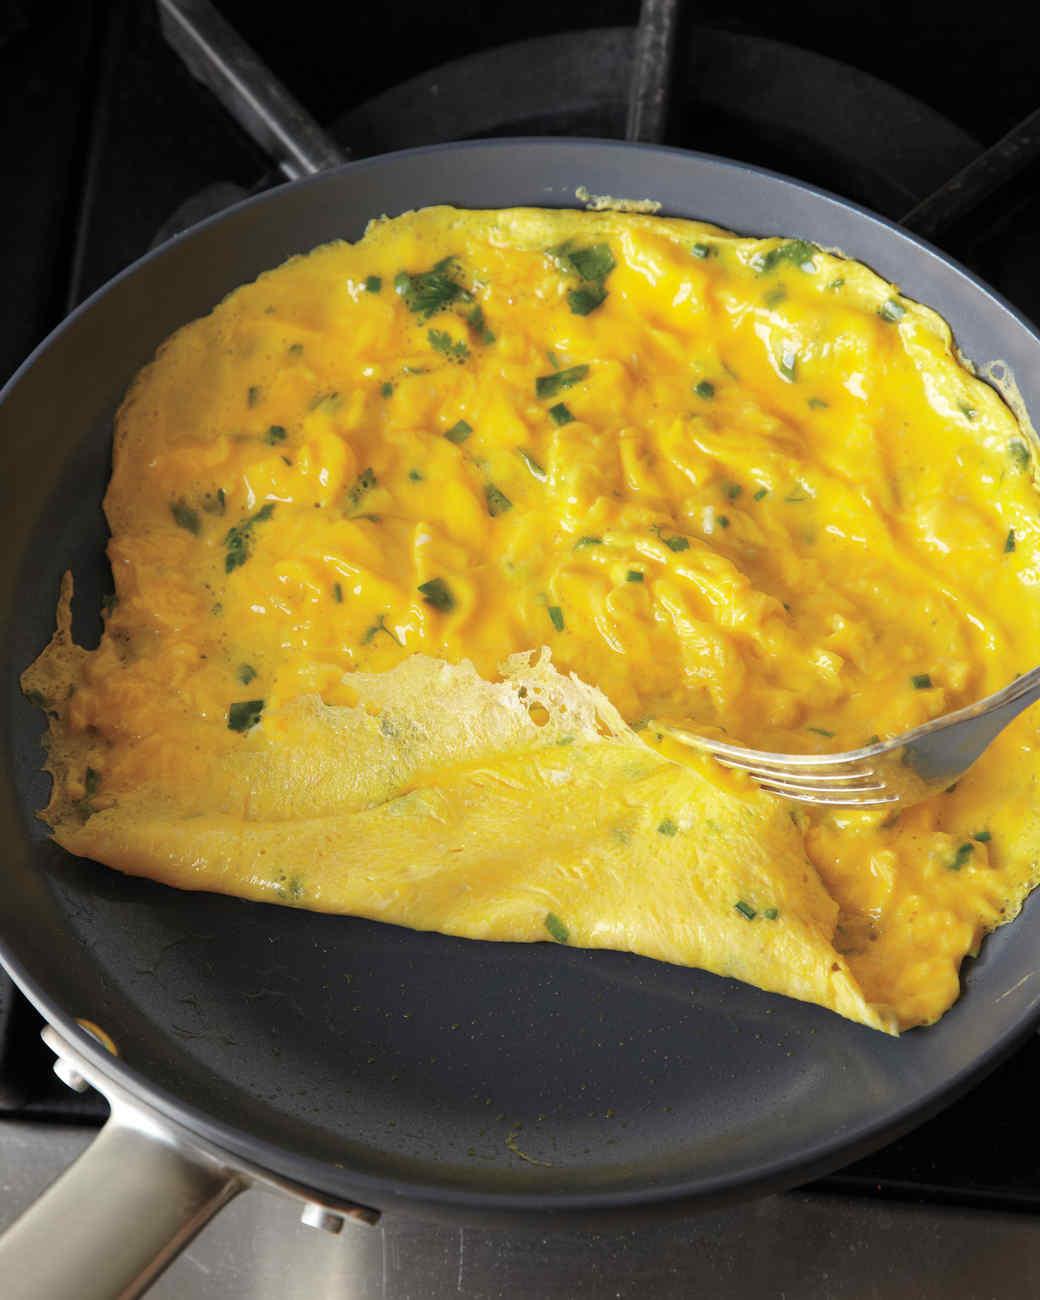 omelet-howto-111-mld110179.jpg